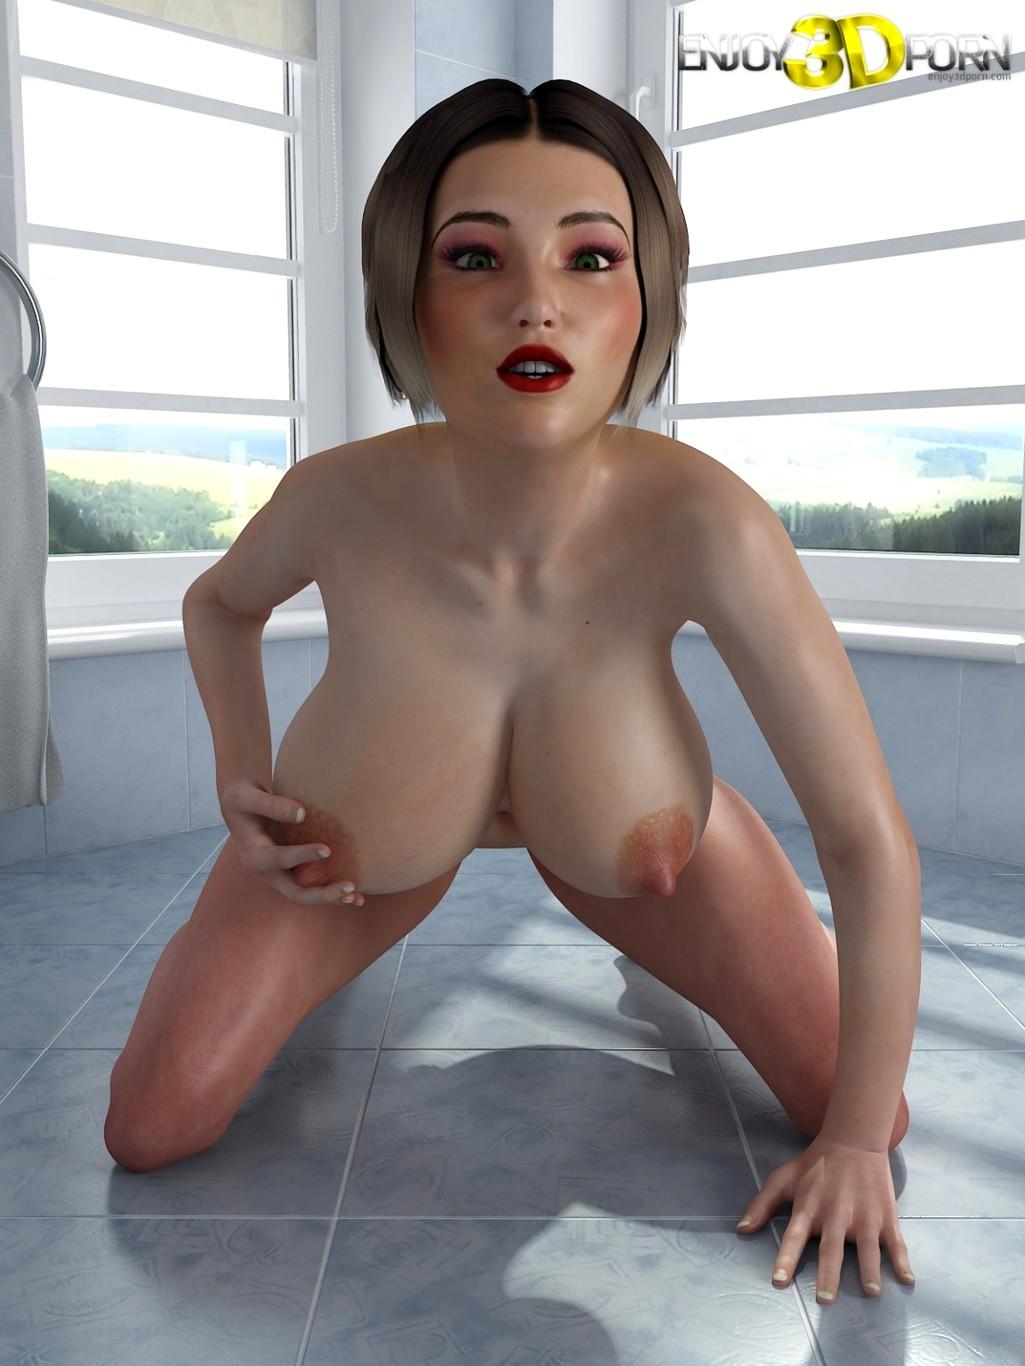 Enjoy3Dporn Enjoy3Dporn Model Xxxpartner 3D Blond Free Pornpics Sexphotos Xxximages Hd Gallery-4973